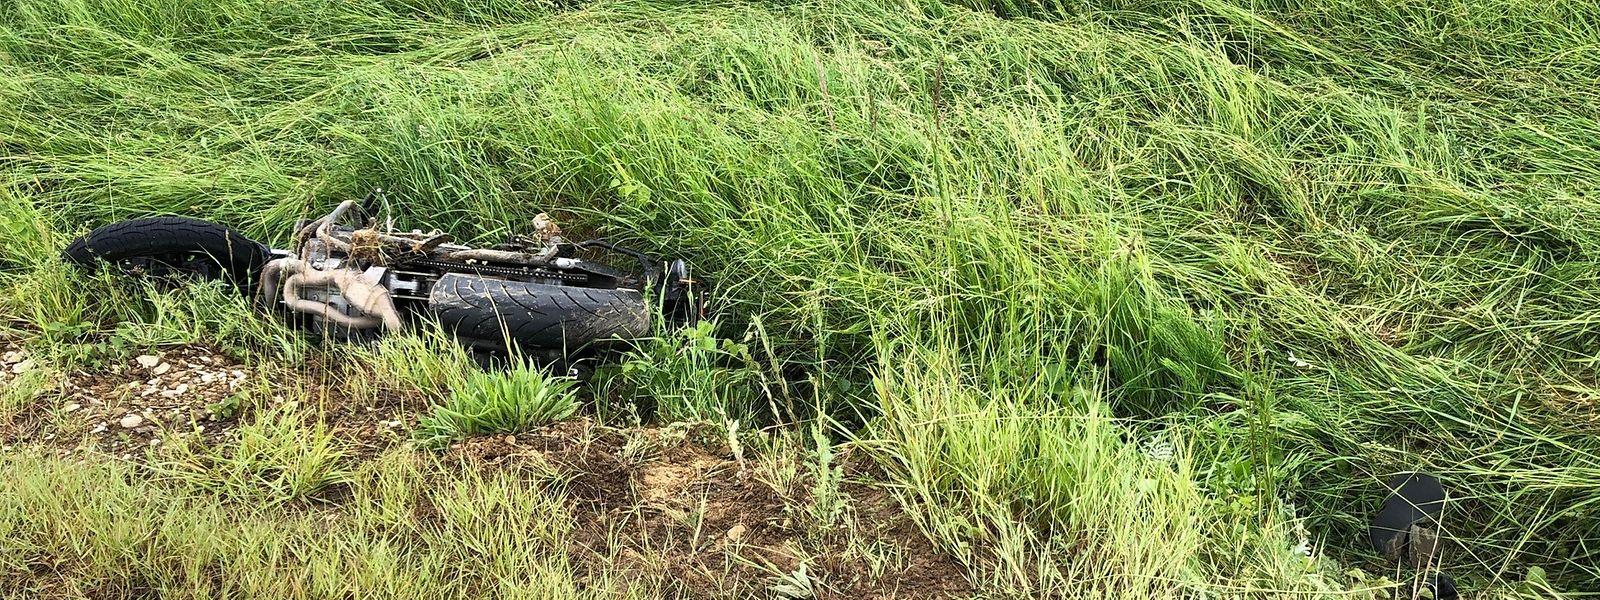 Auf der nassen Fahrbahn rutschte der Fahranfänger aus und wurde mit seinem Motorrad in den Straßengraben geschleudert.